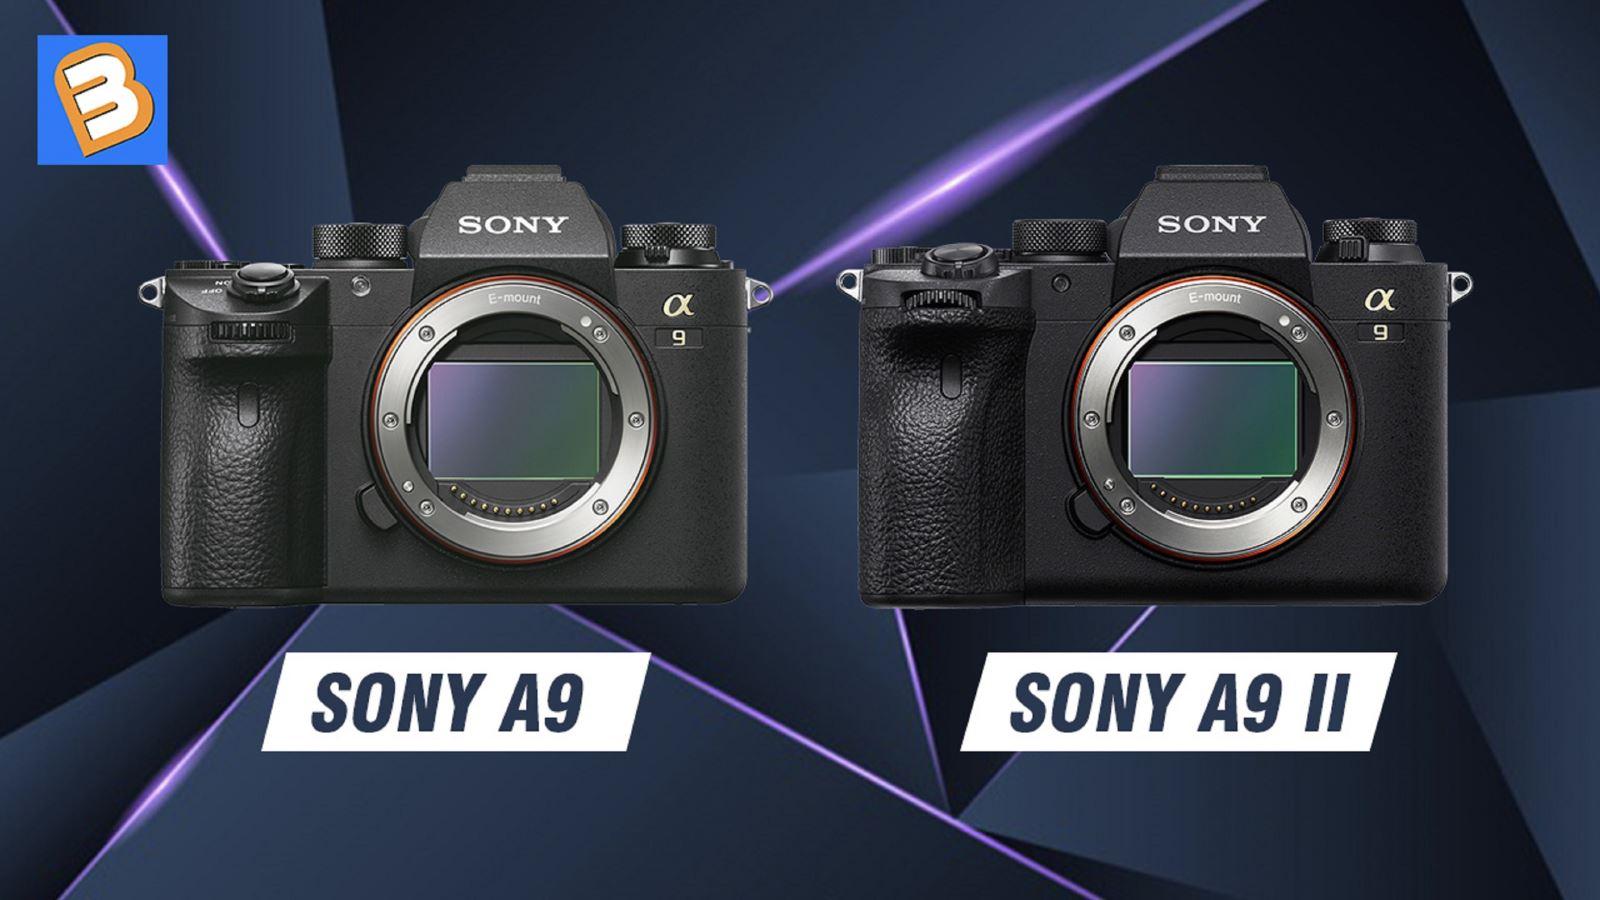 Sony A9 với A9 II: Những điểm khác biệt chính